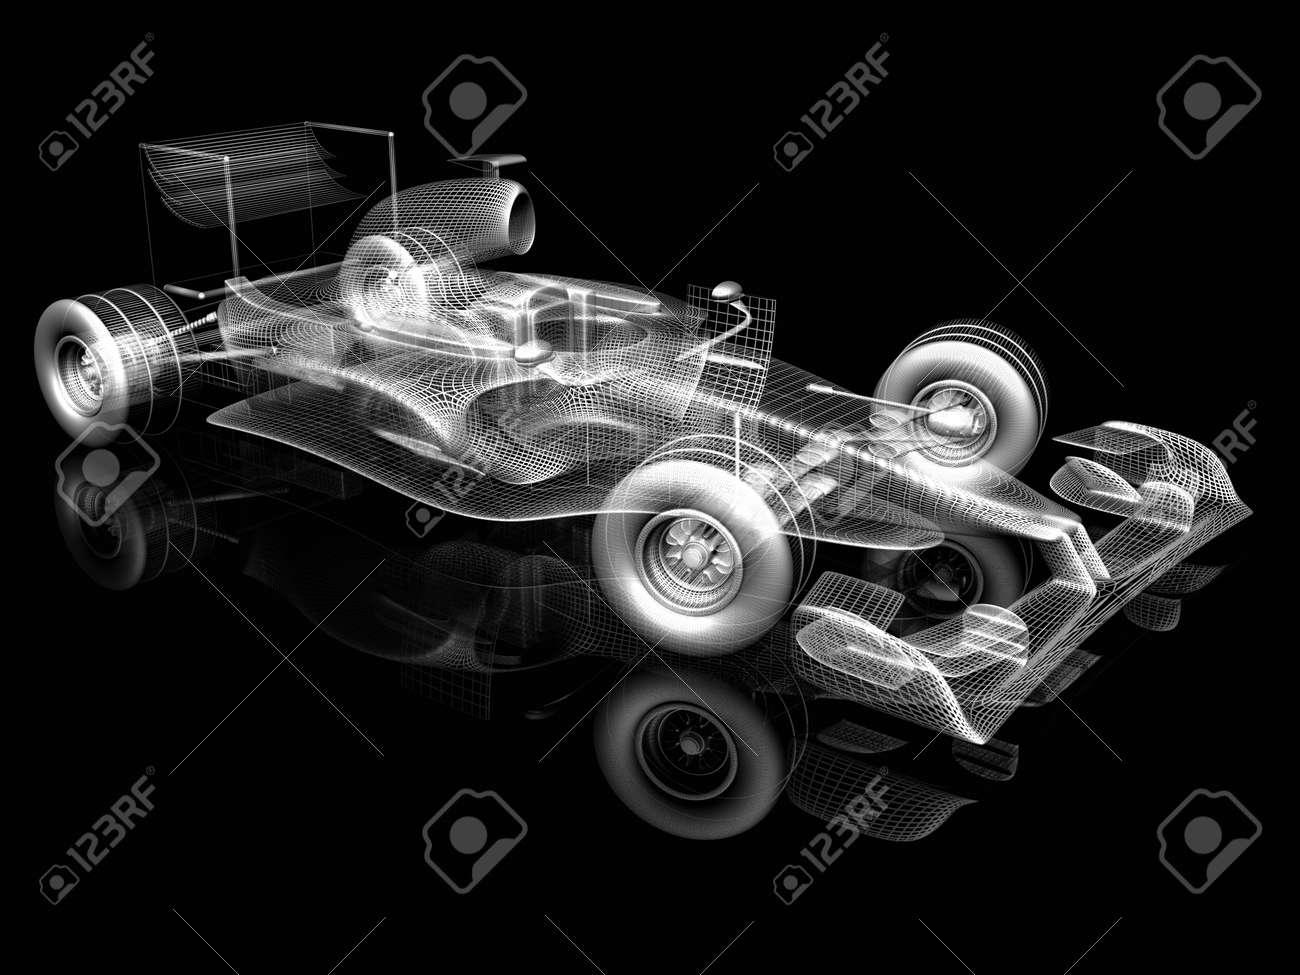 3d car Stock Photo - 13919858